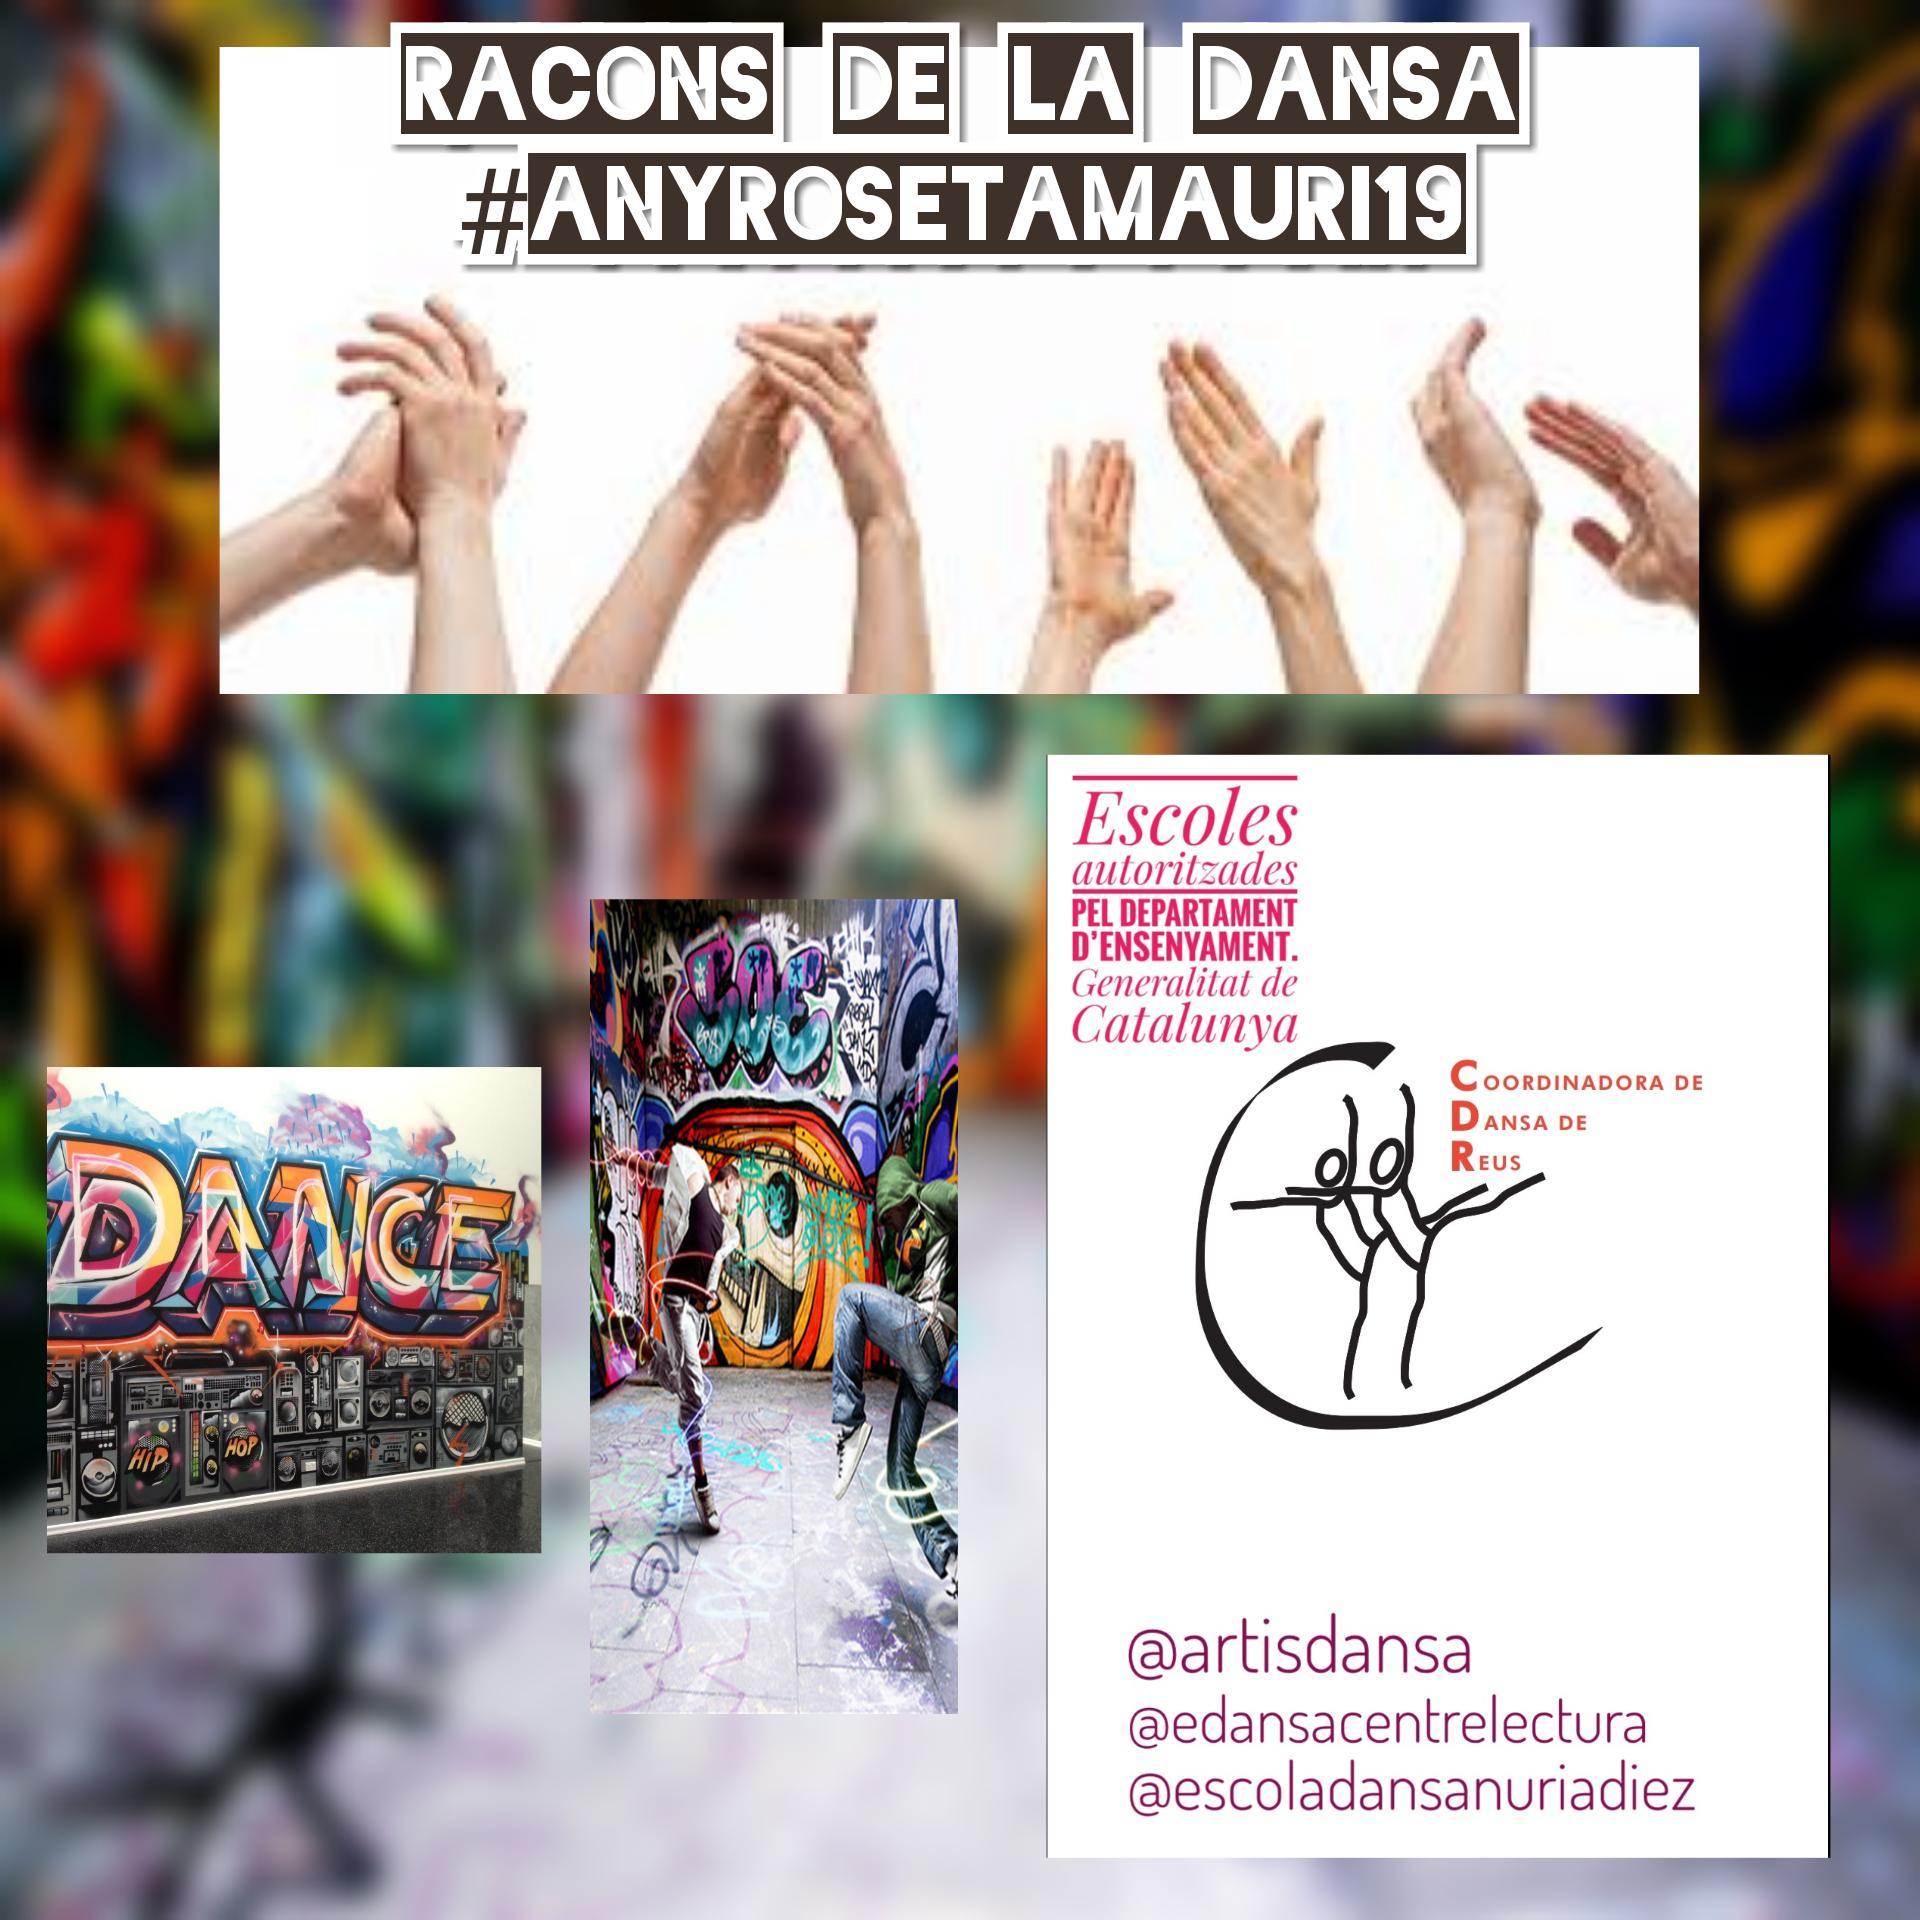 Racons de la Dansa